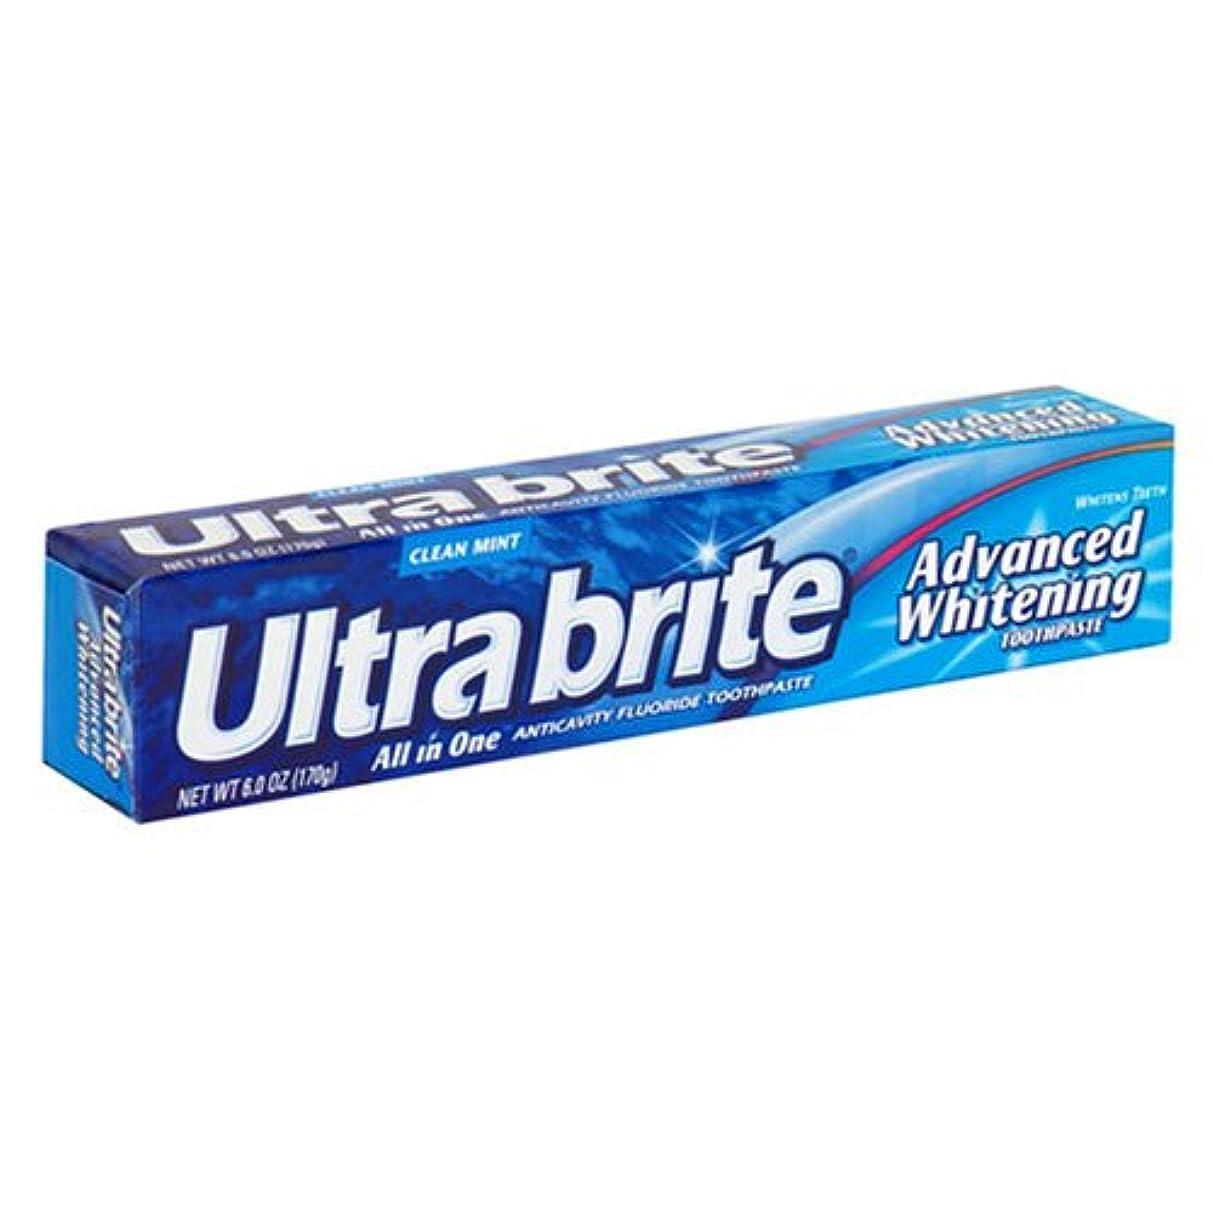 起きている牧師歯科医海外直送肘 Colgate Ultra Brite Advanced Whitening Fluoride Toothpaste, 6 oz